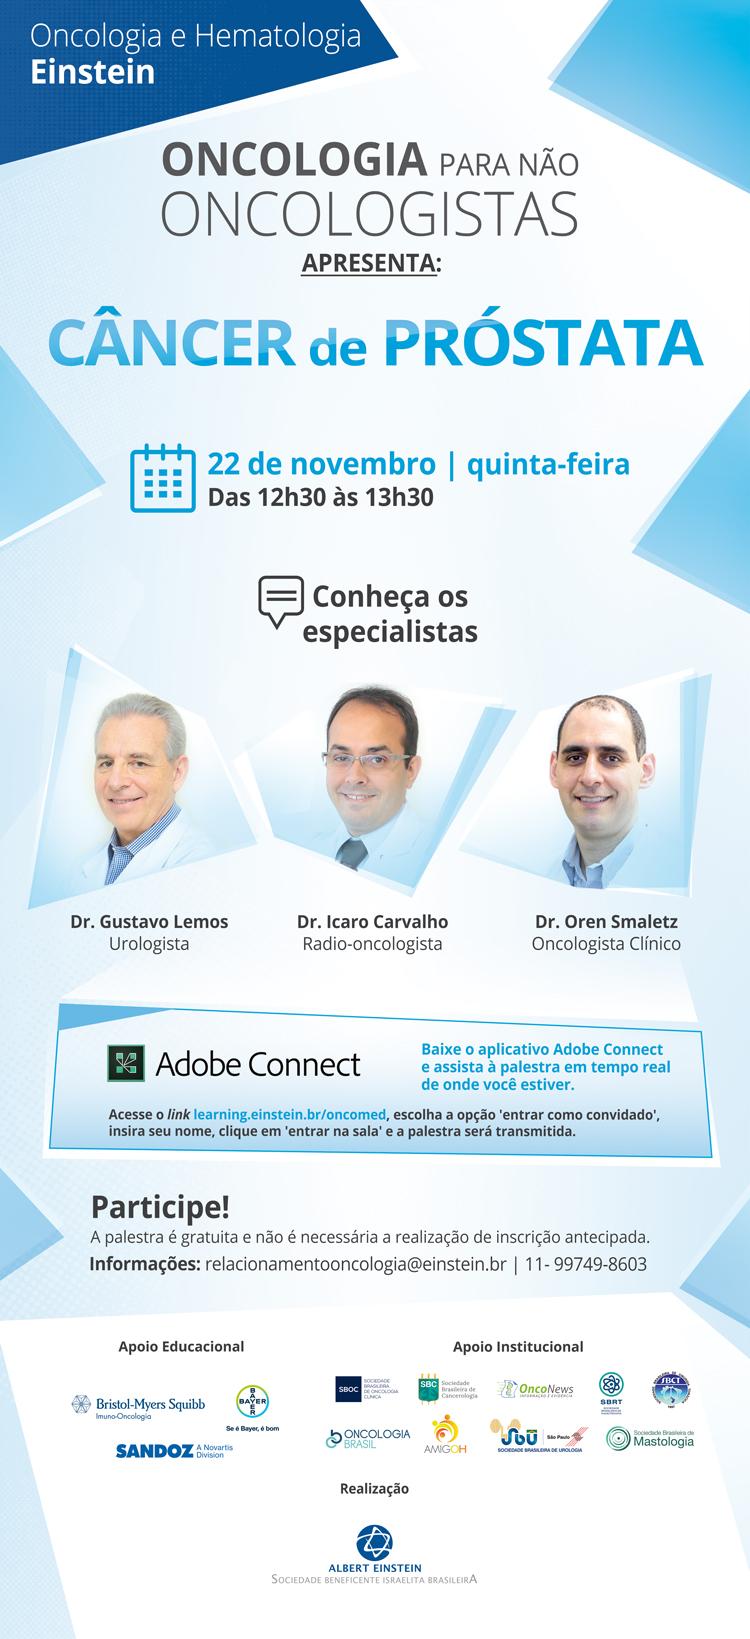 sc1_emkt_cancer_de_prostata_oncologia_para_nao_oncologistas